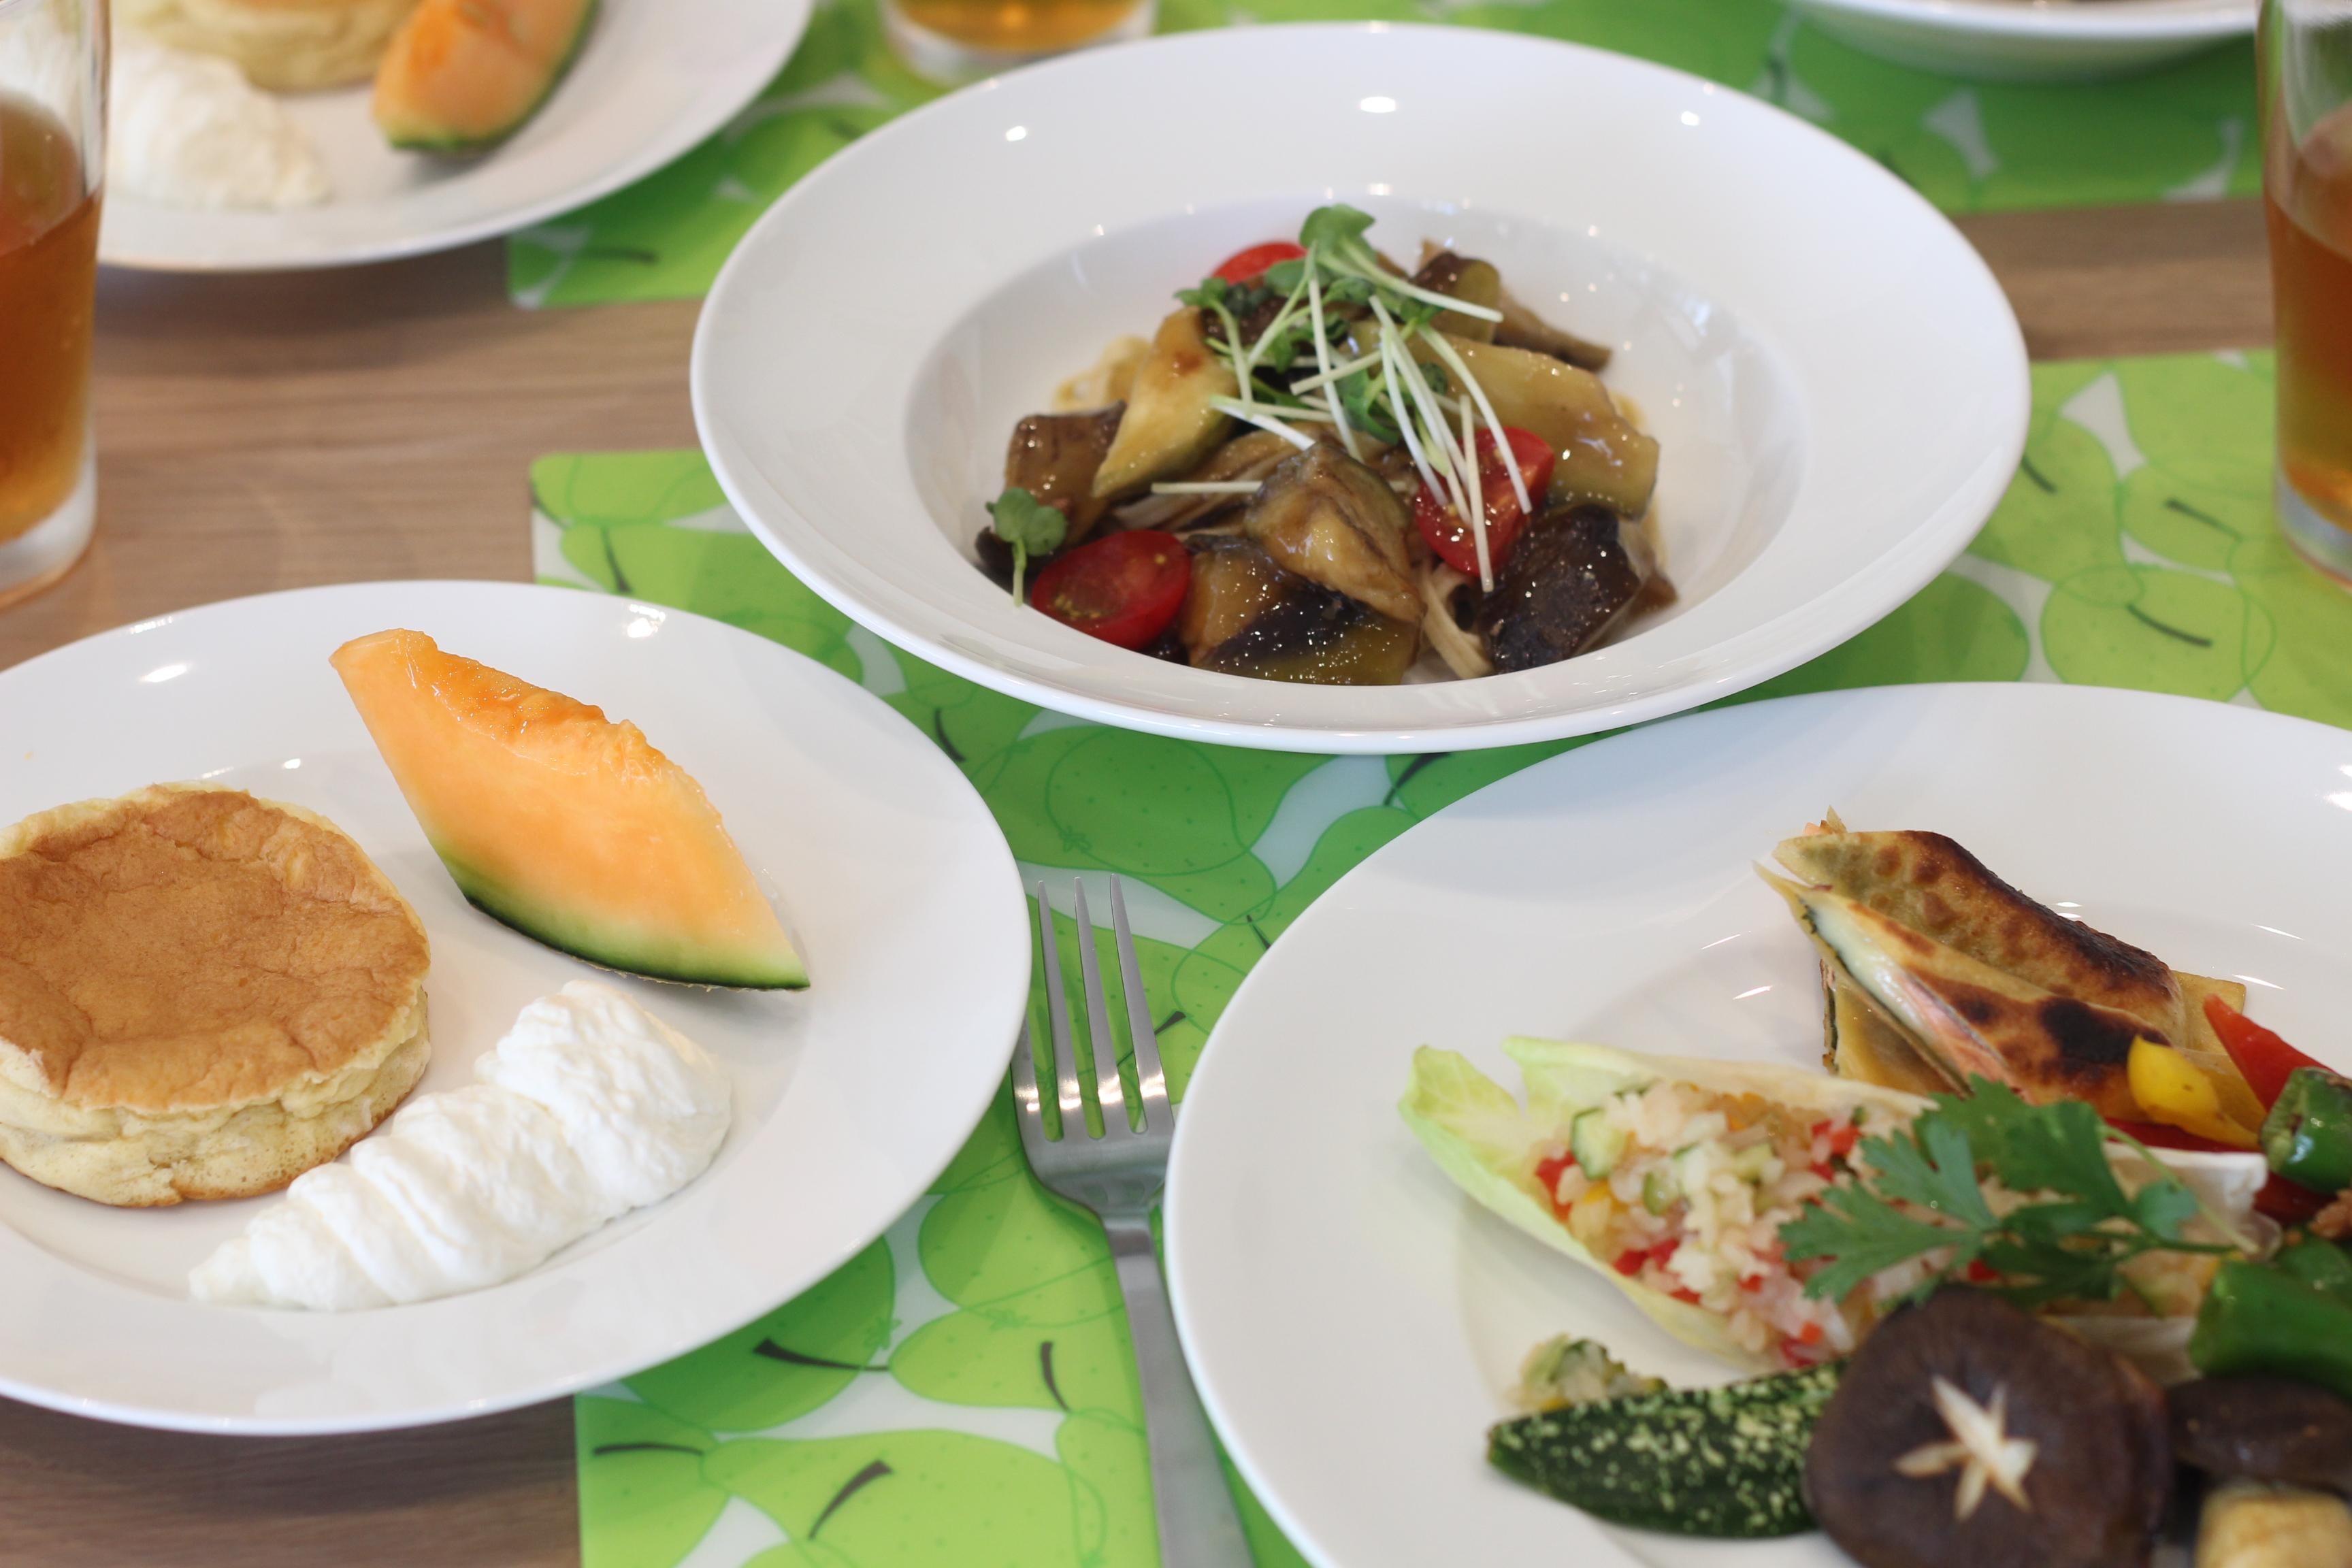 京都江部粉麺ミックスを使って、水ナスの花山椒風味の冷製パスタ&もっちり春巻きレッスン。a-ta-sante糖質制限パン料理教室。阿倍野区西田辺。